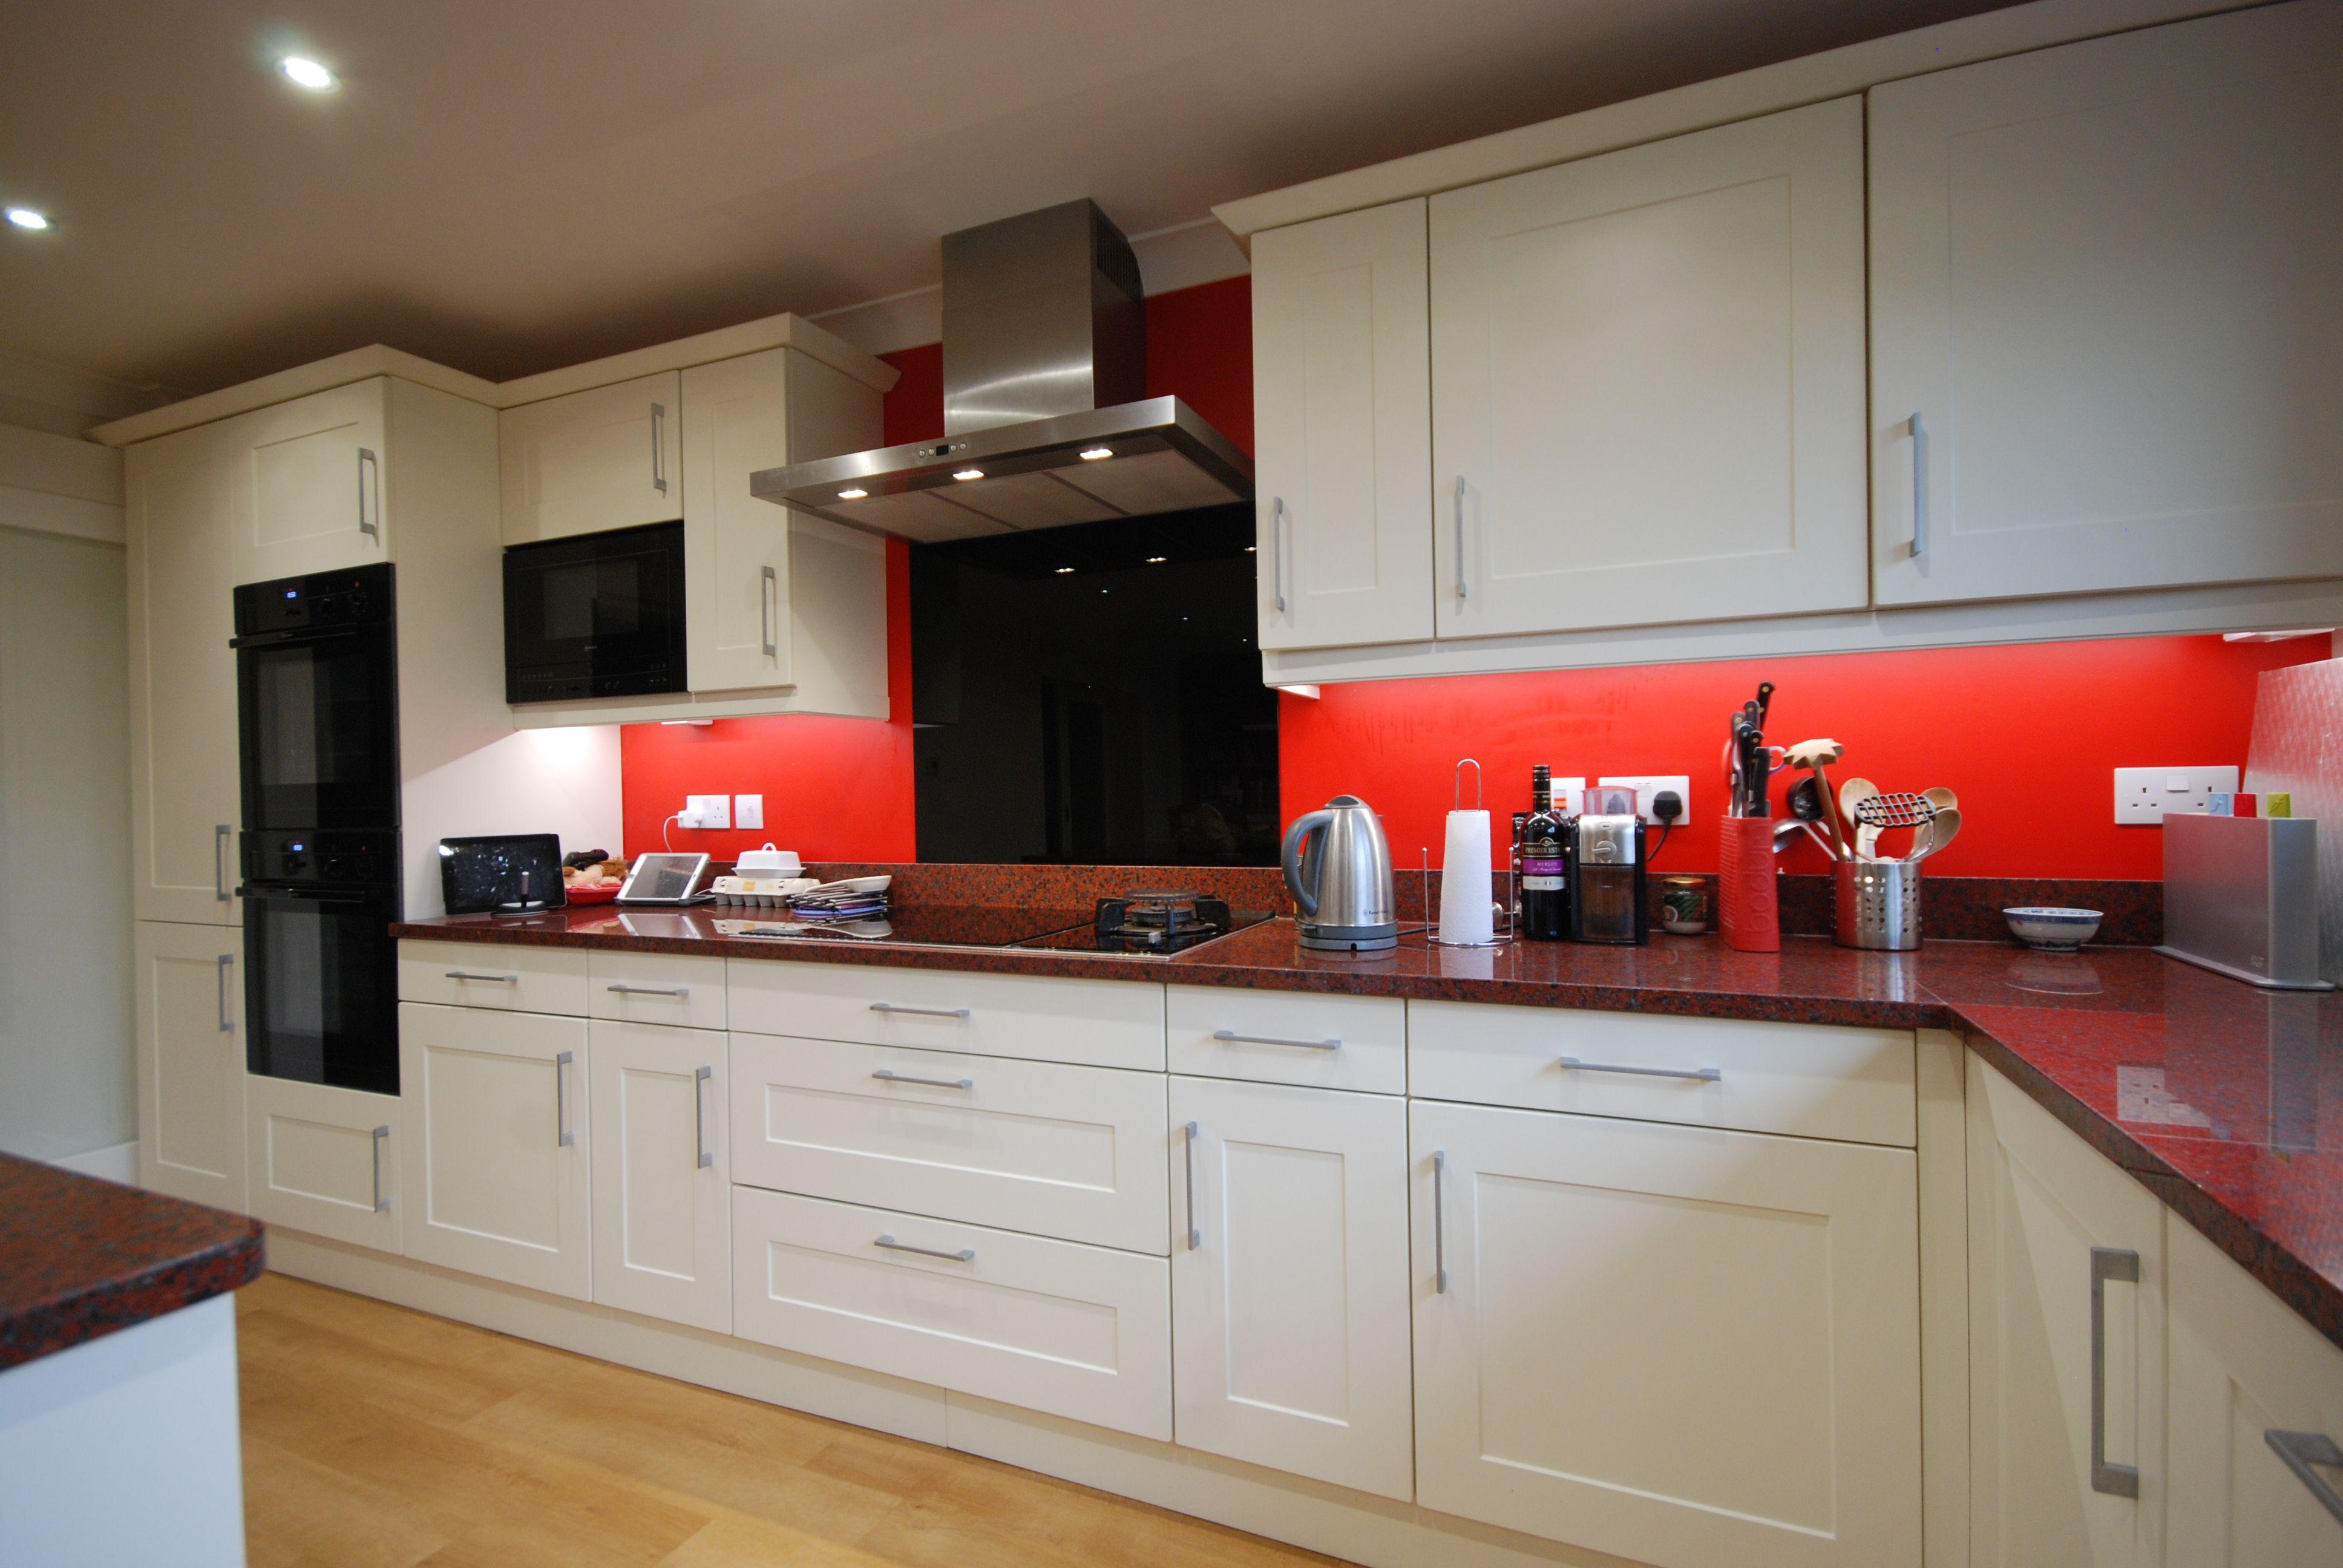 Gairich Kitchen in Ivory with African Red Granite worktops Neff